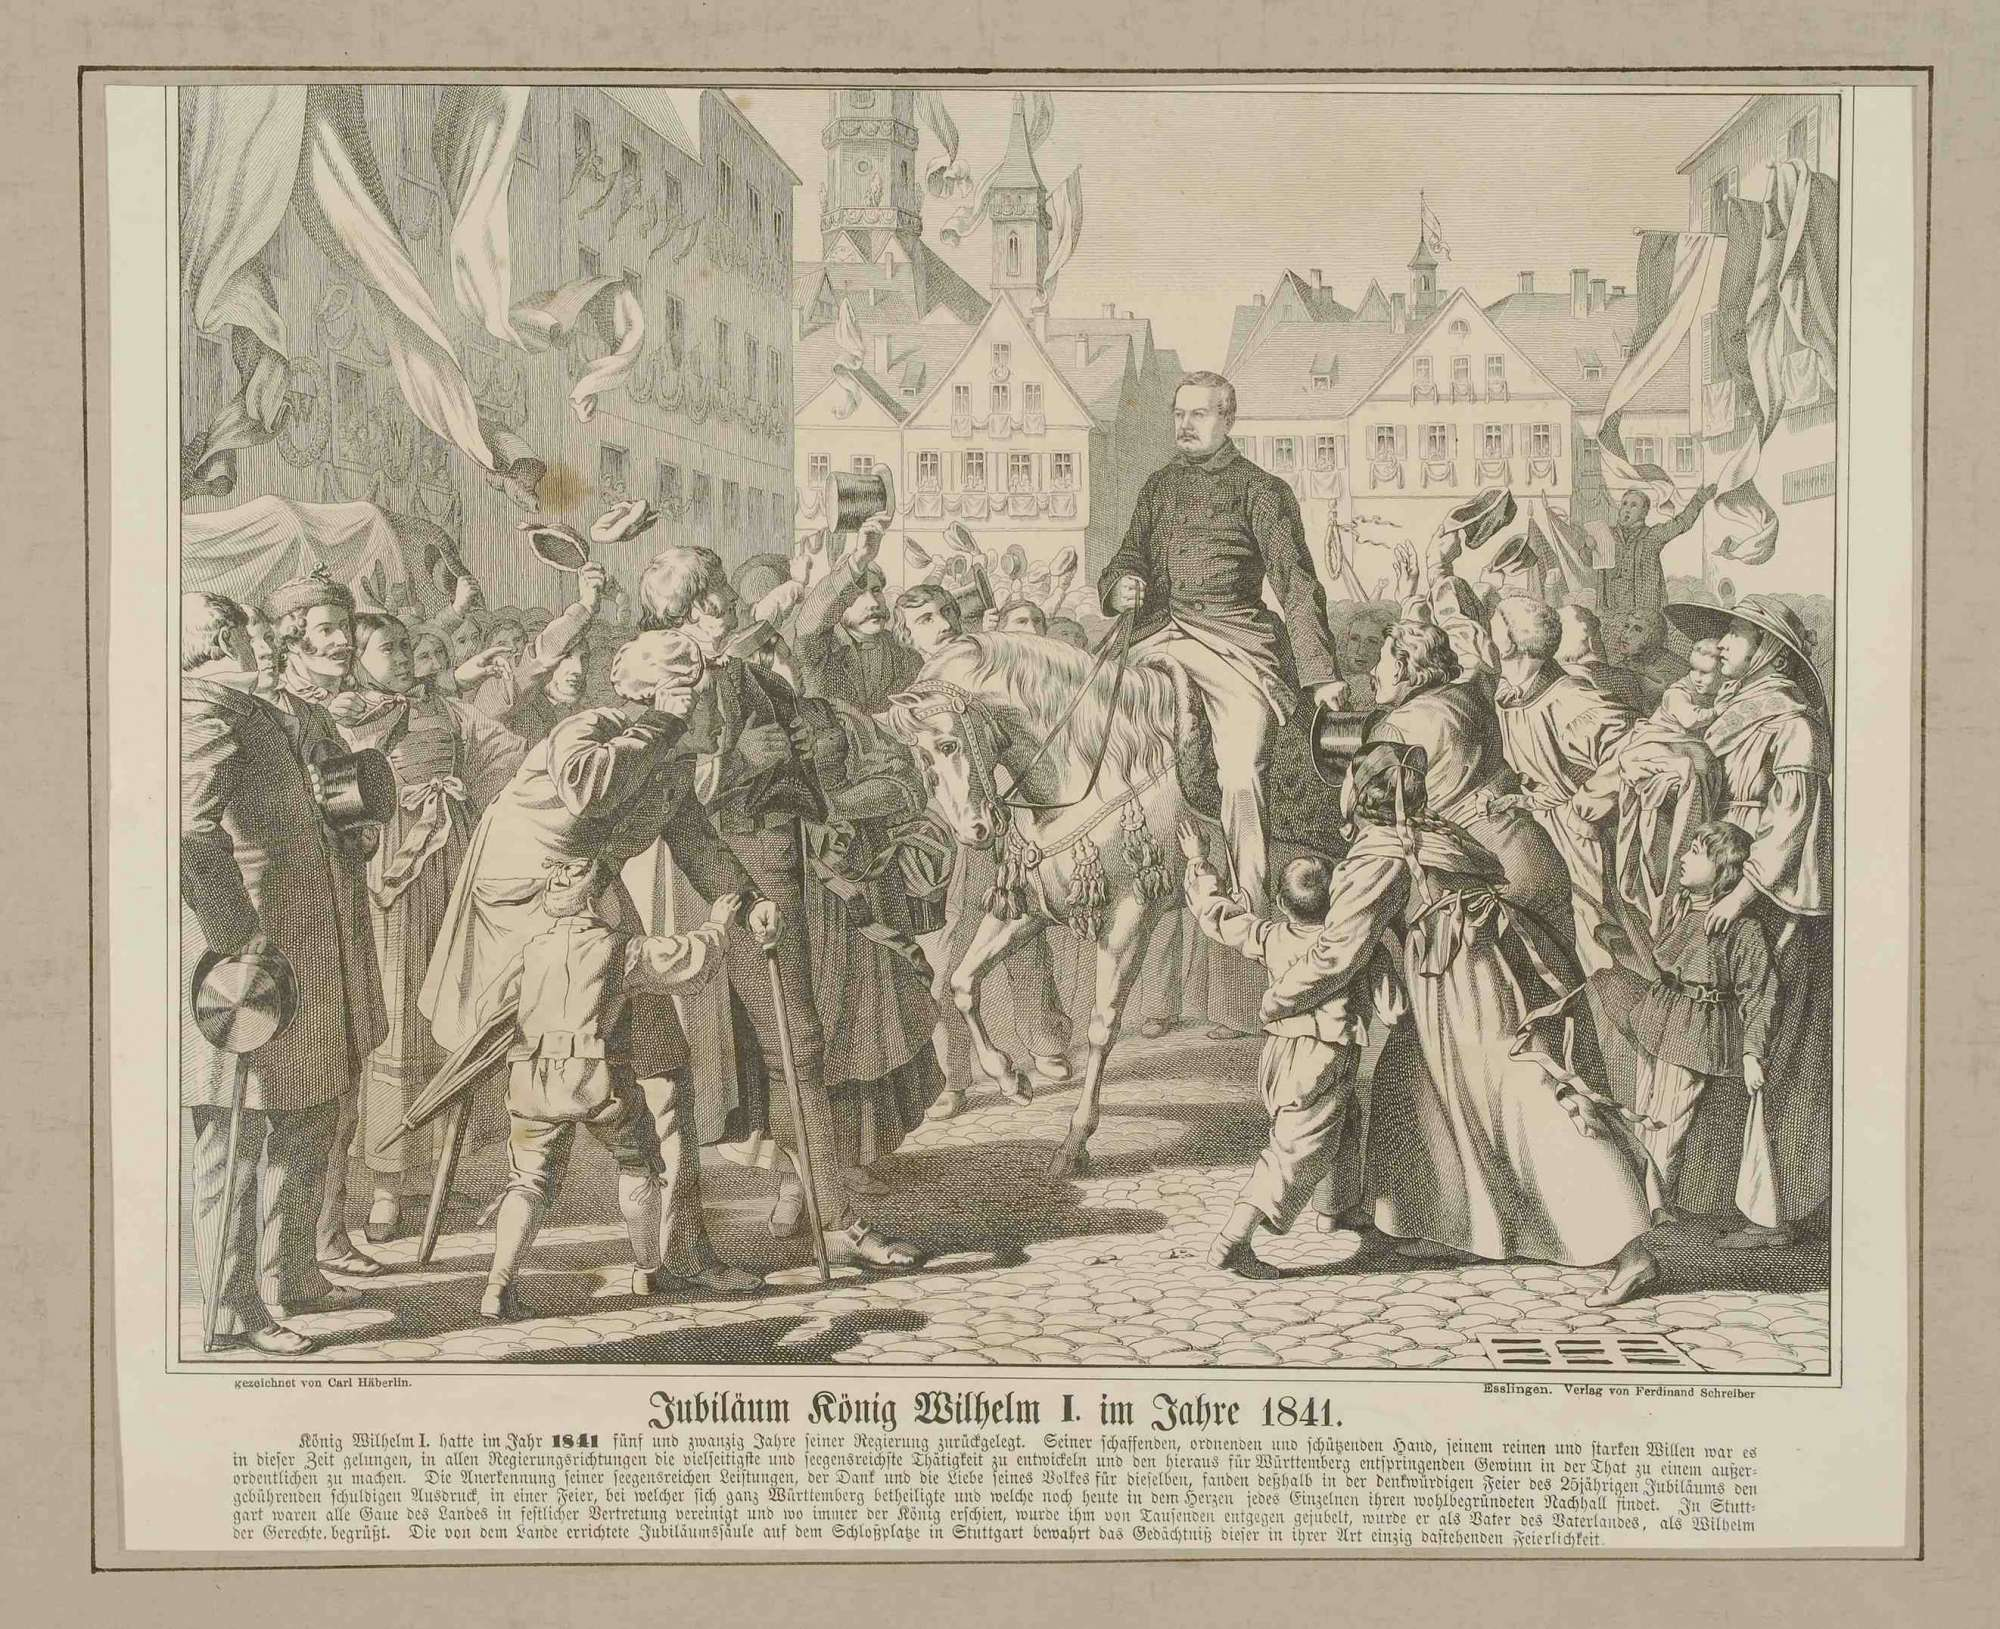 König Wilhelm I. von Württemberg in den Straßen Stuttgarts, anlässlich seines Thronjubiläumsjubiläums 1841, durch eine jubelnde Volksmenge reitend, die Jubiläumssäule auf dem Schlossplatz wurde hiernach errichtet, Bild 1